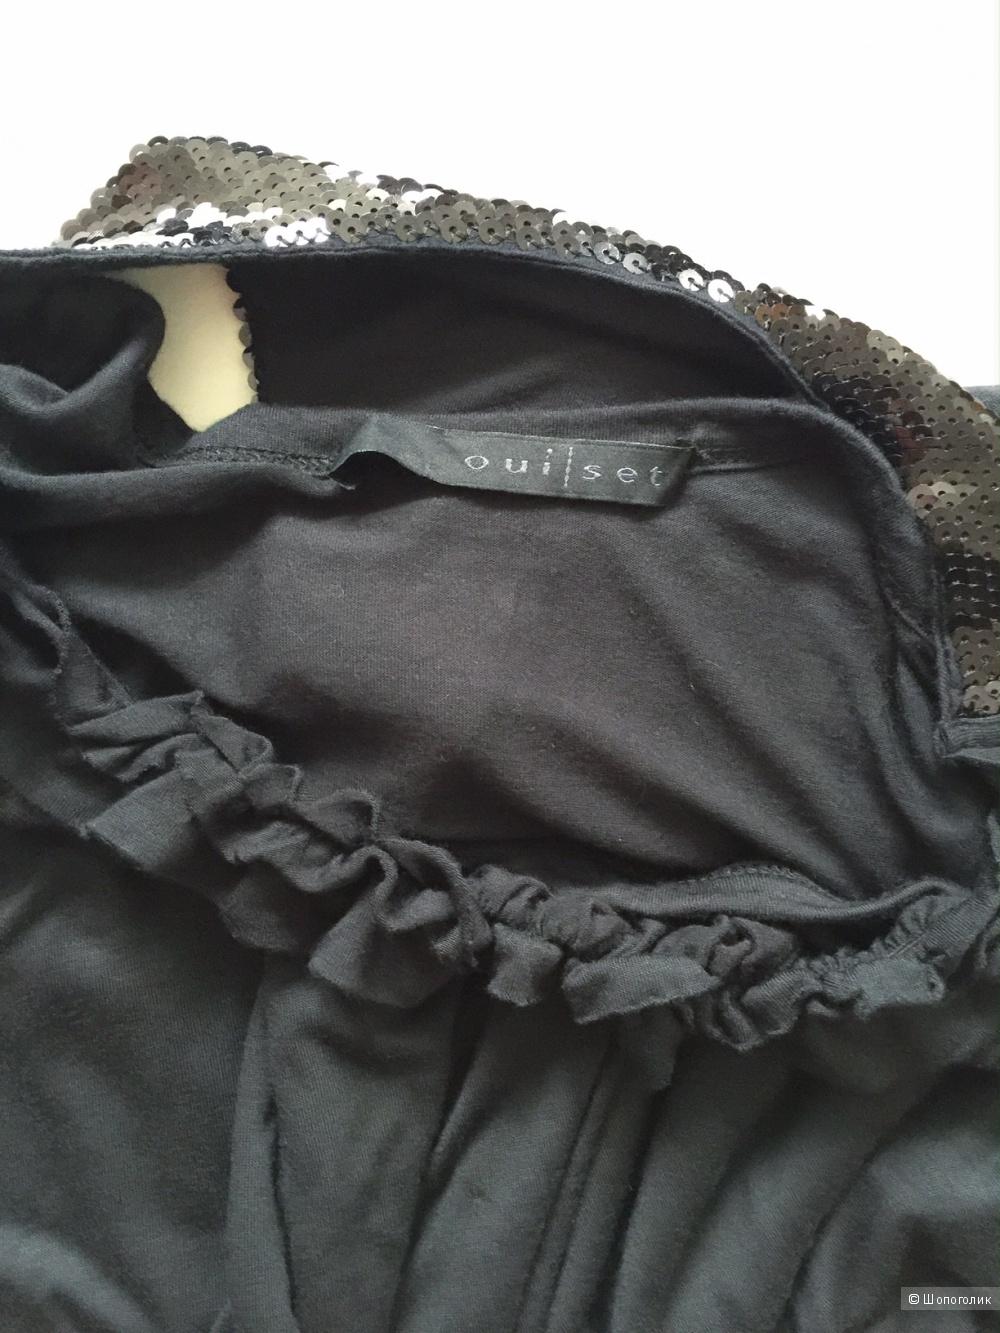 Платье МЕЧТЫ! черное с отделкой из пайеток марки OUI SET рамзер 42-44